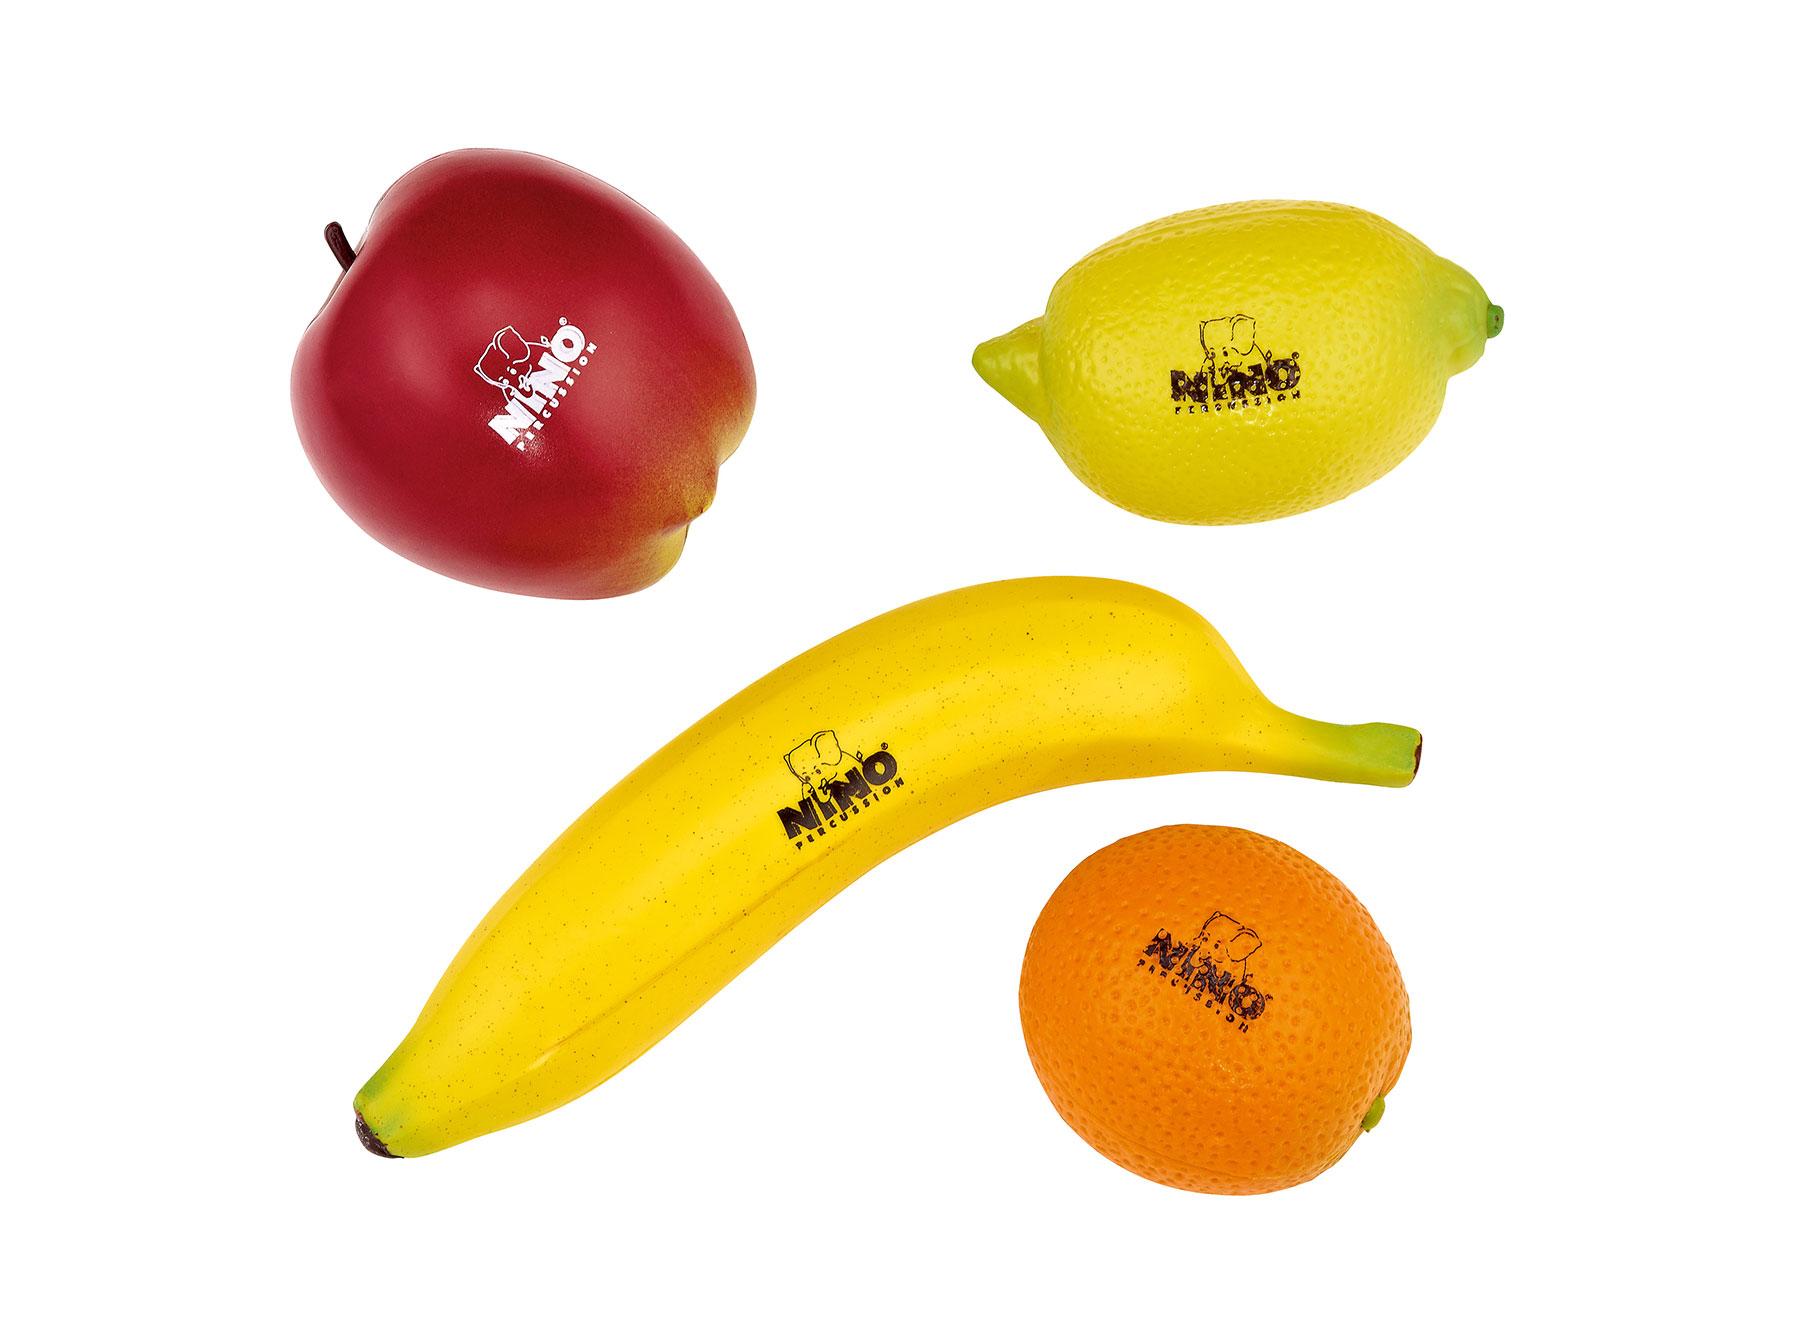 Billede af Meinl Nino rasle frugt eller grøntsag Appelsin